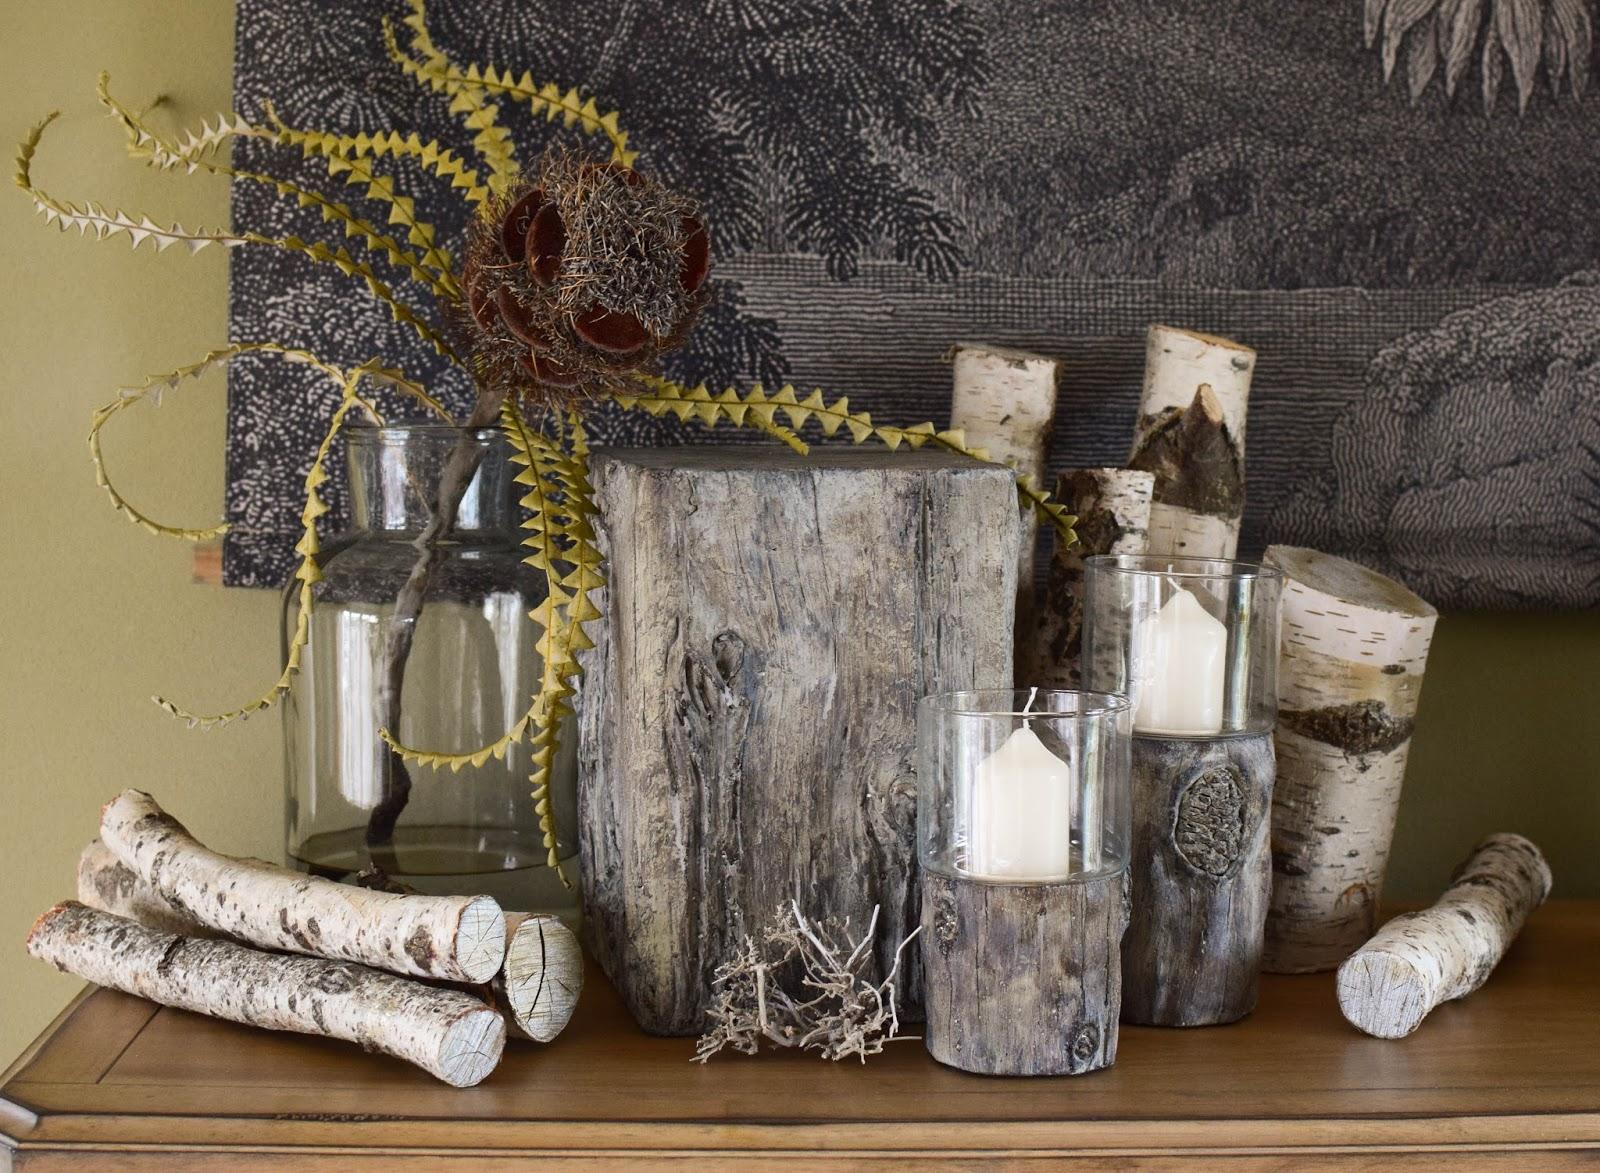 Dekoidee mit Holzdeko aus Zement von Homefinity Serie Bark. Deko Dekoration natürlich Naturdeko für Winter und Herbst Zeitlos. Werbung